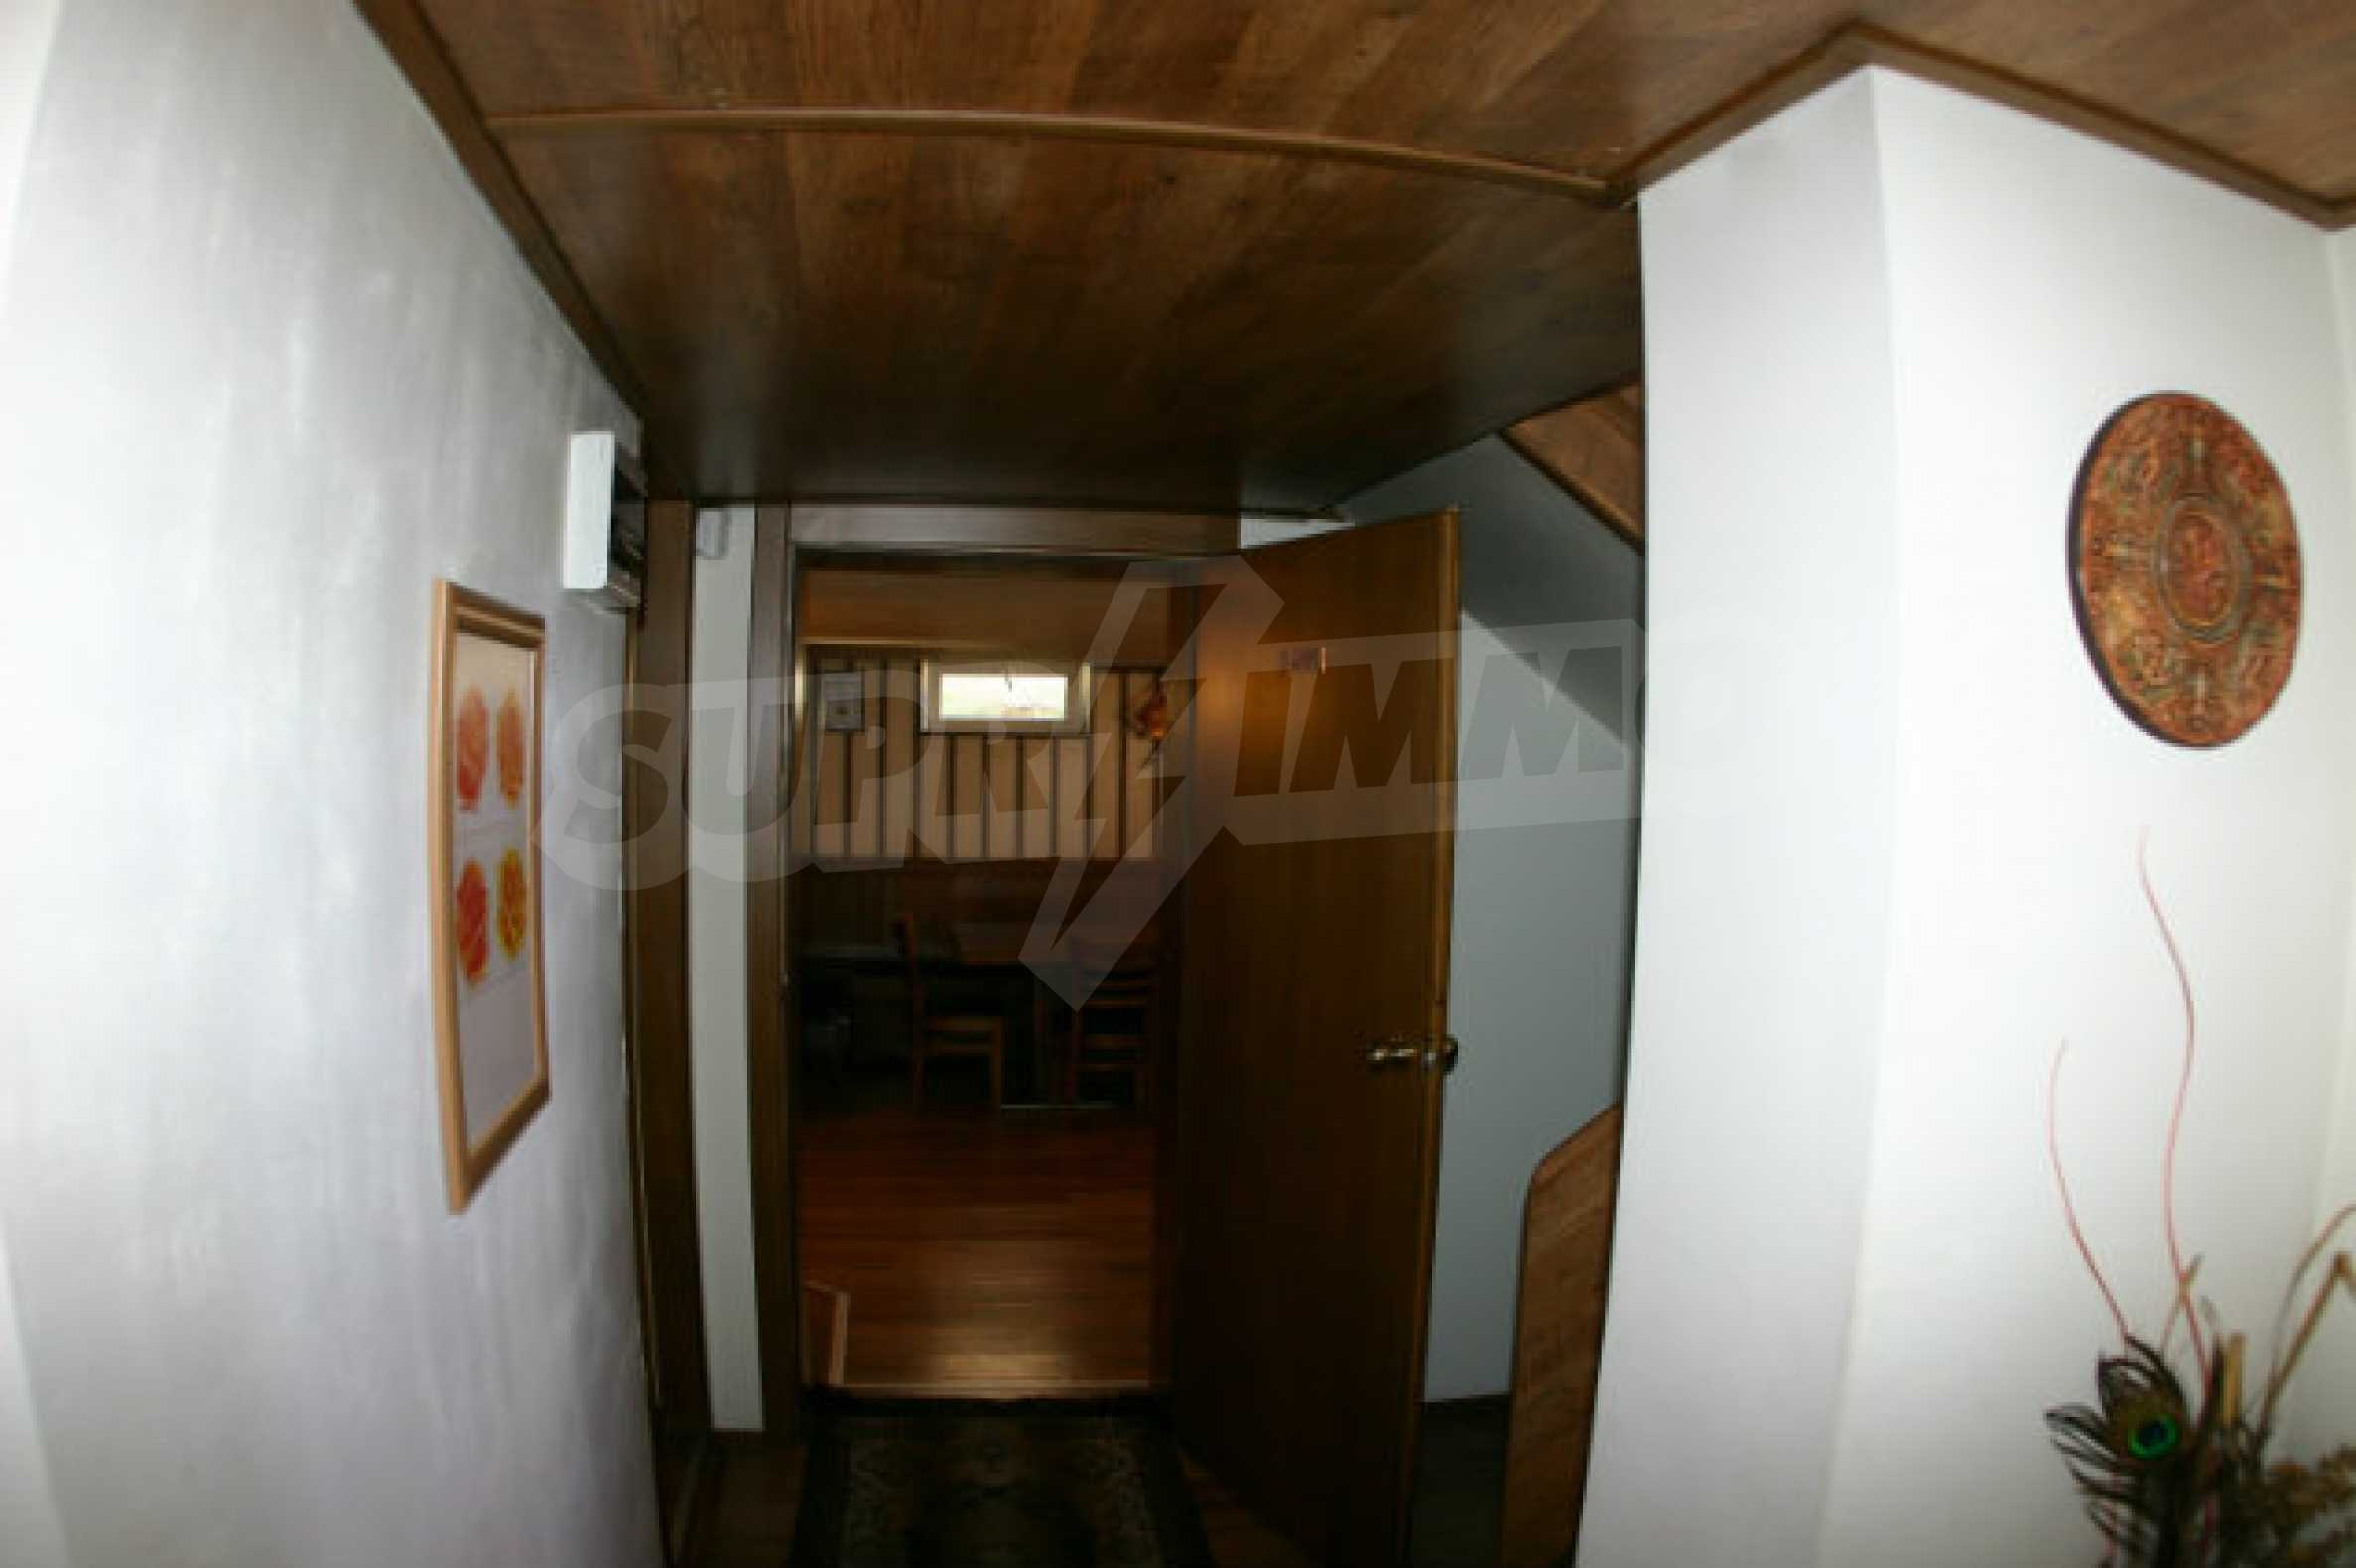 Familienhotel zum Verkauf in Dobrinischte, 6 km von Bansko entfernt 7